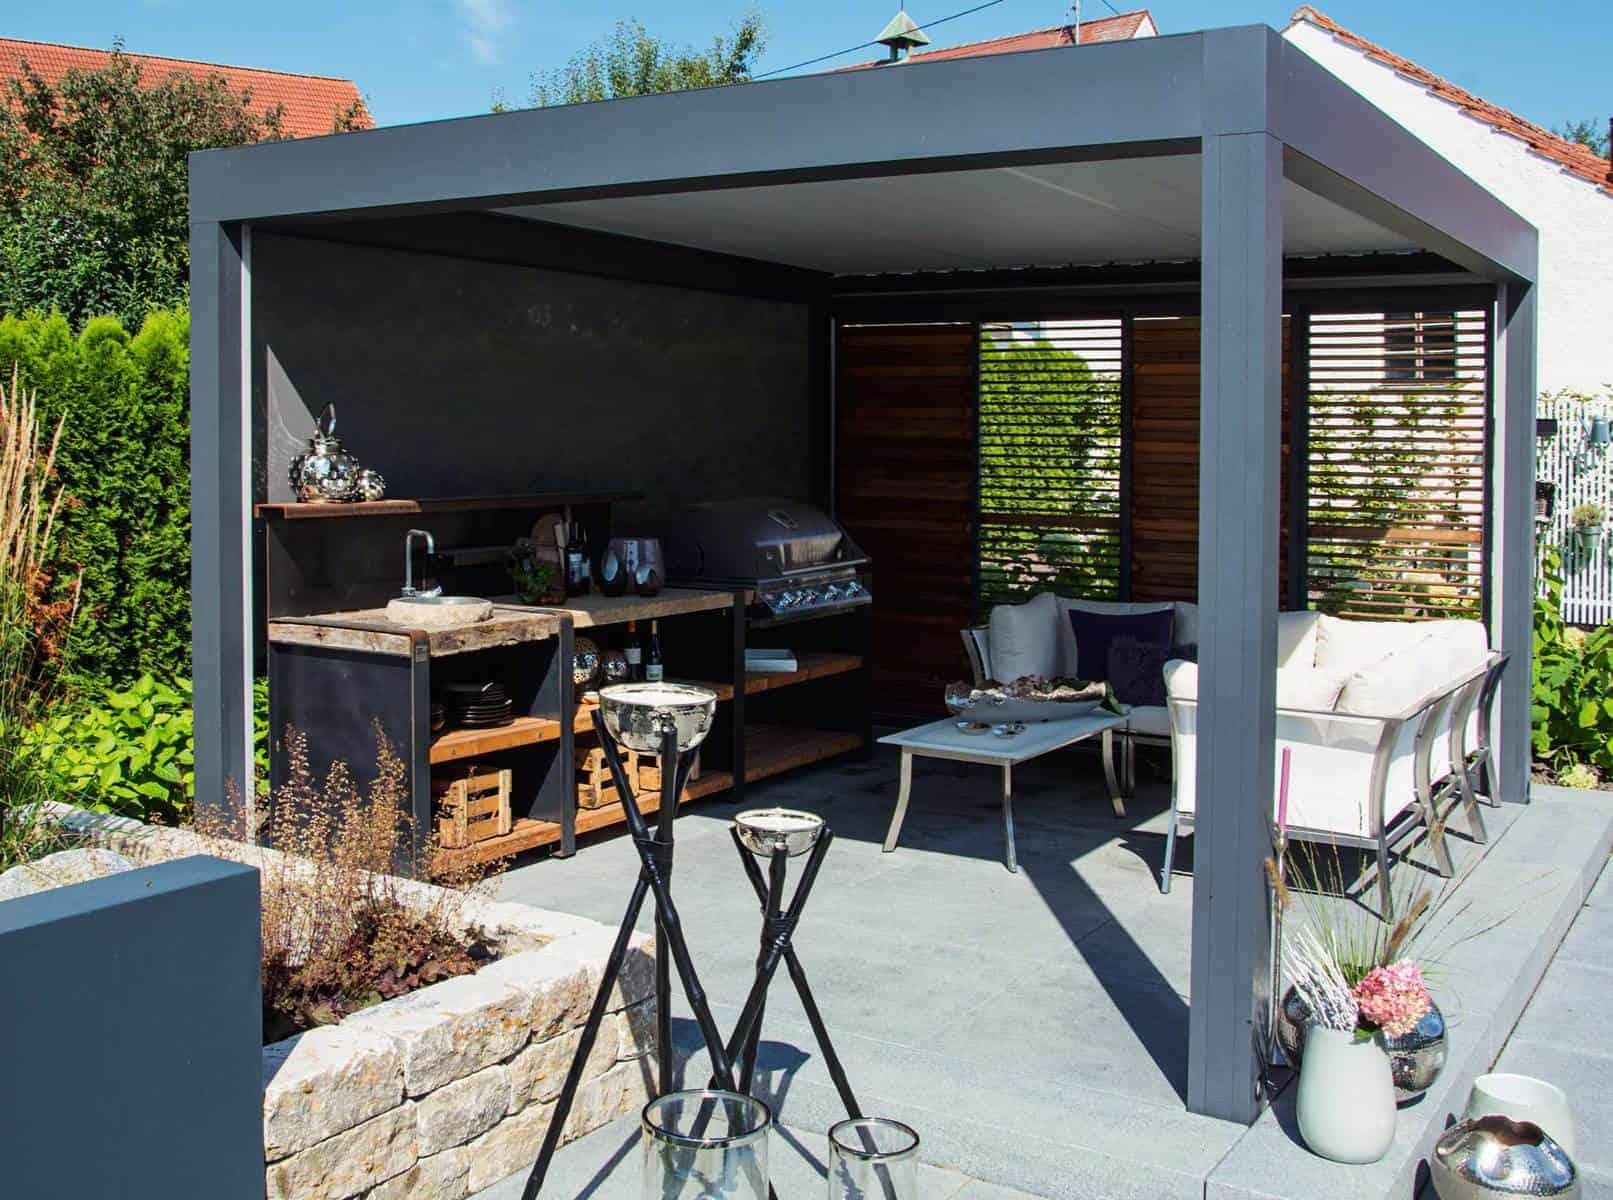 Outdoorküche Garten Jobs : Kochen unter freiem himmel mit der outdoor küche zum traumgarten